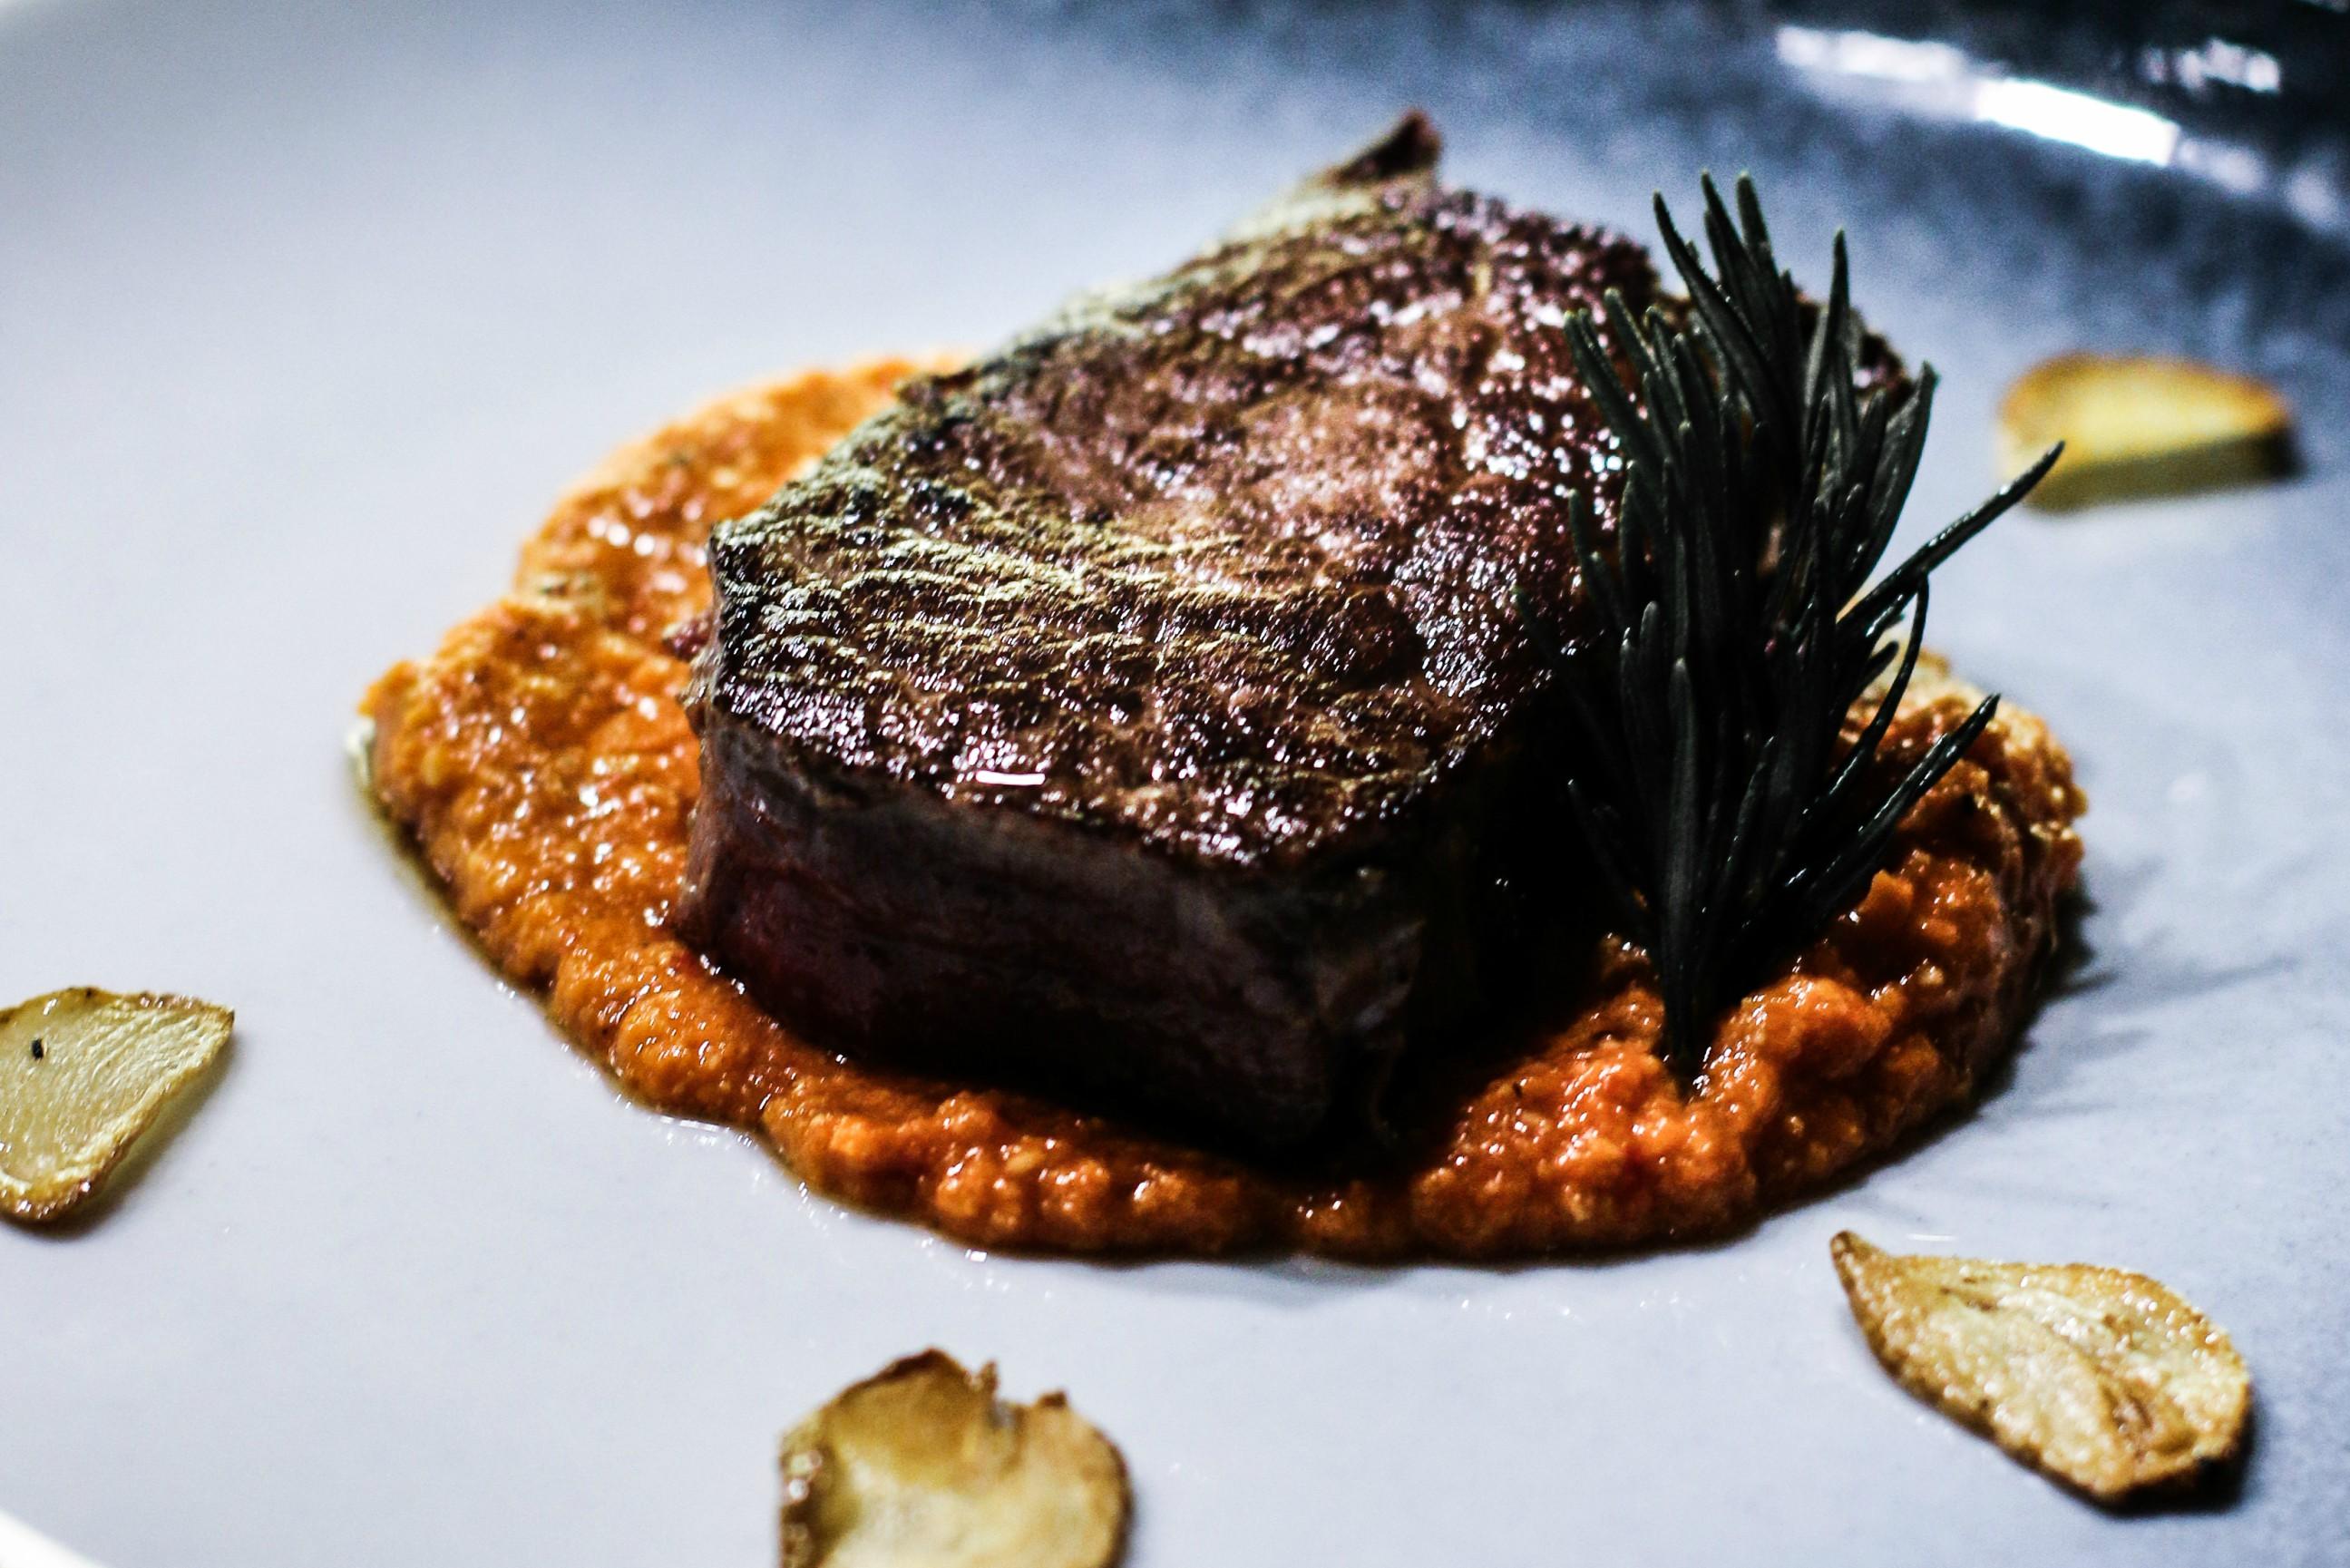 wagyu grade 5 steak